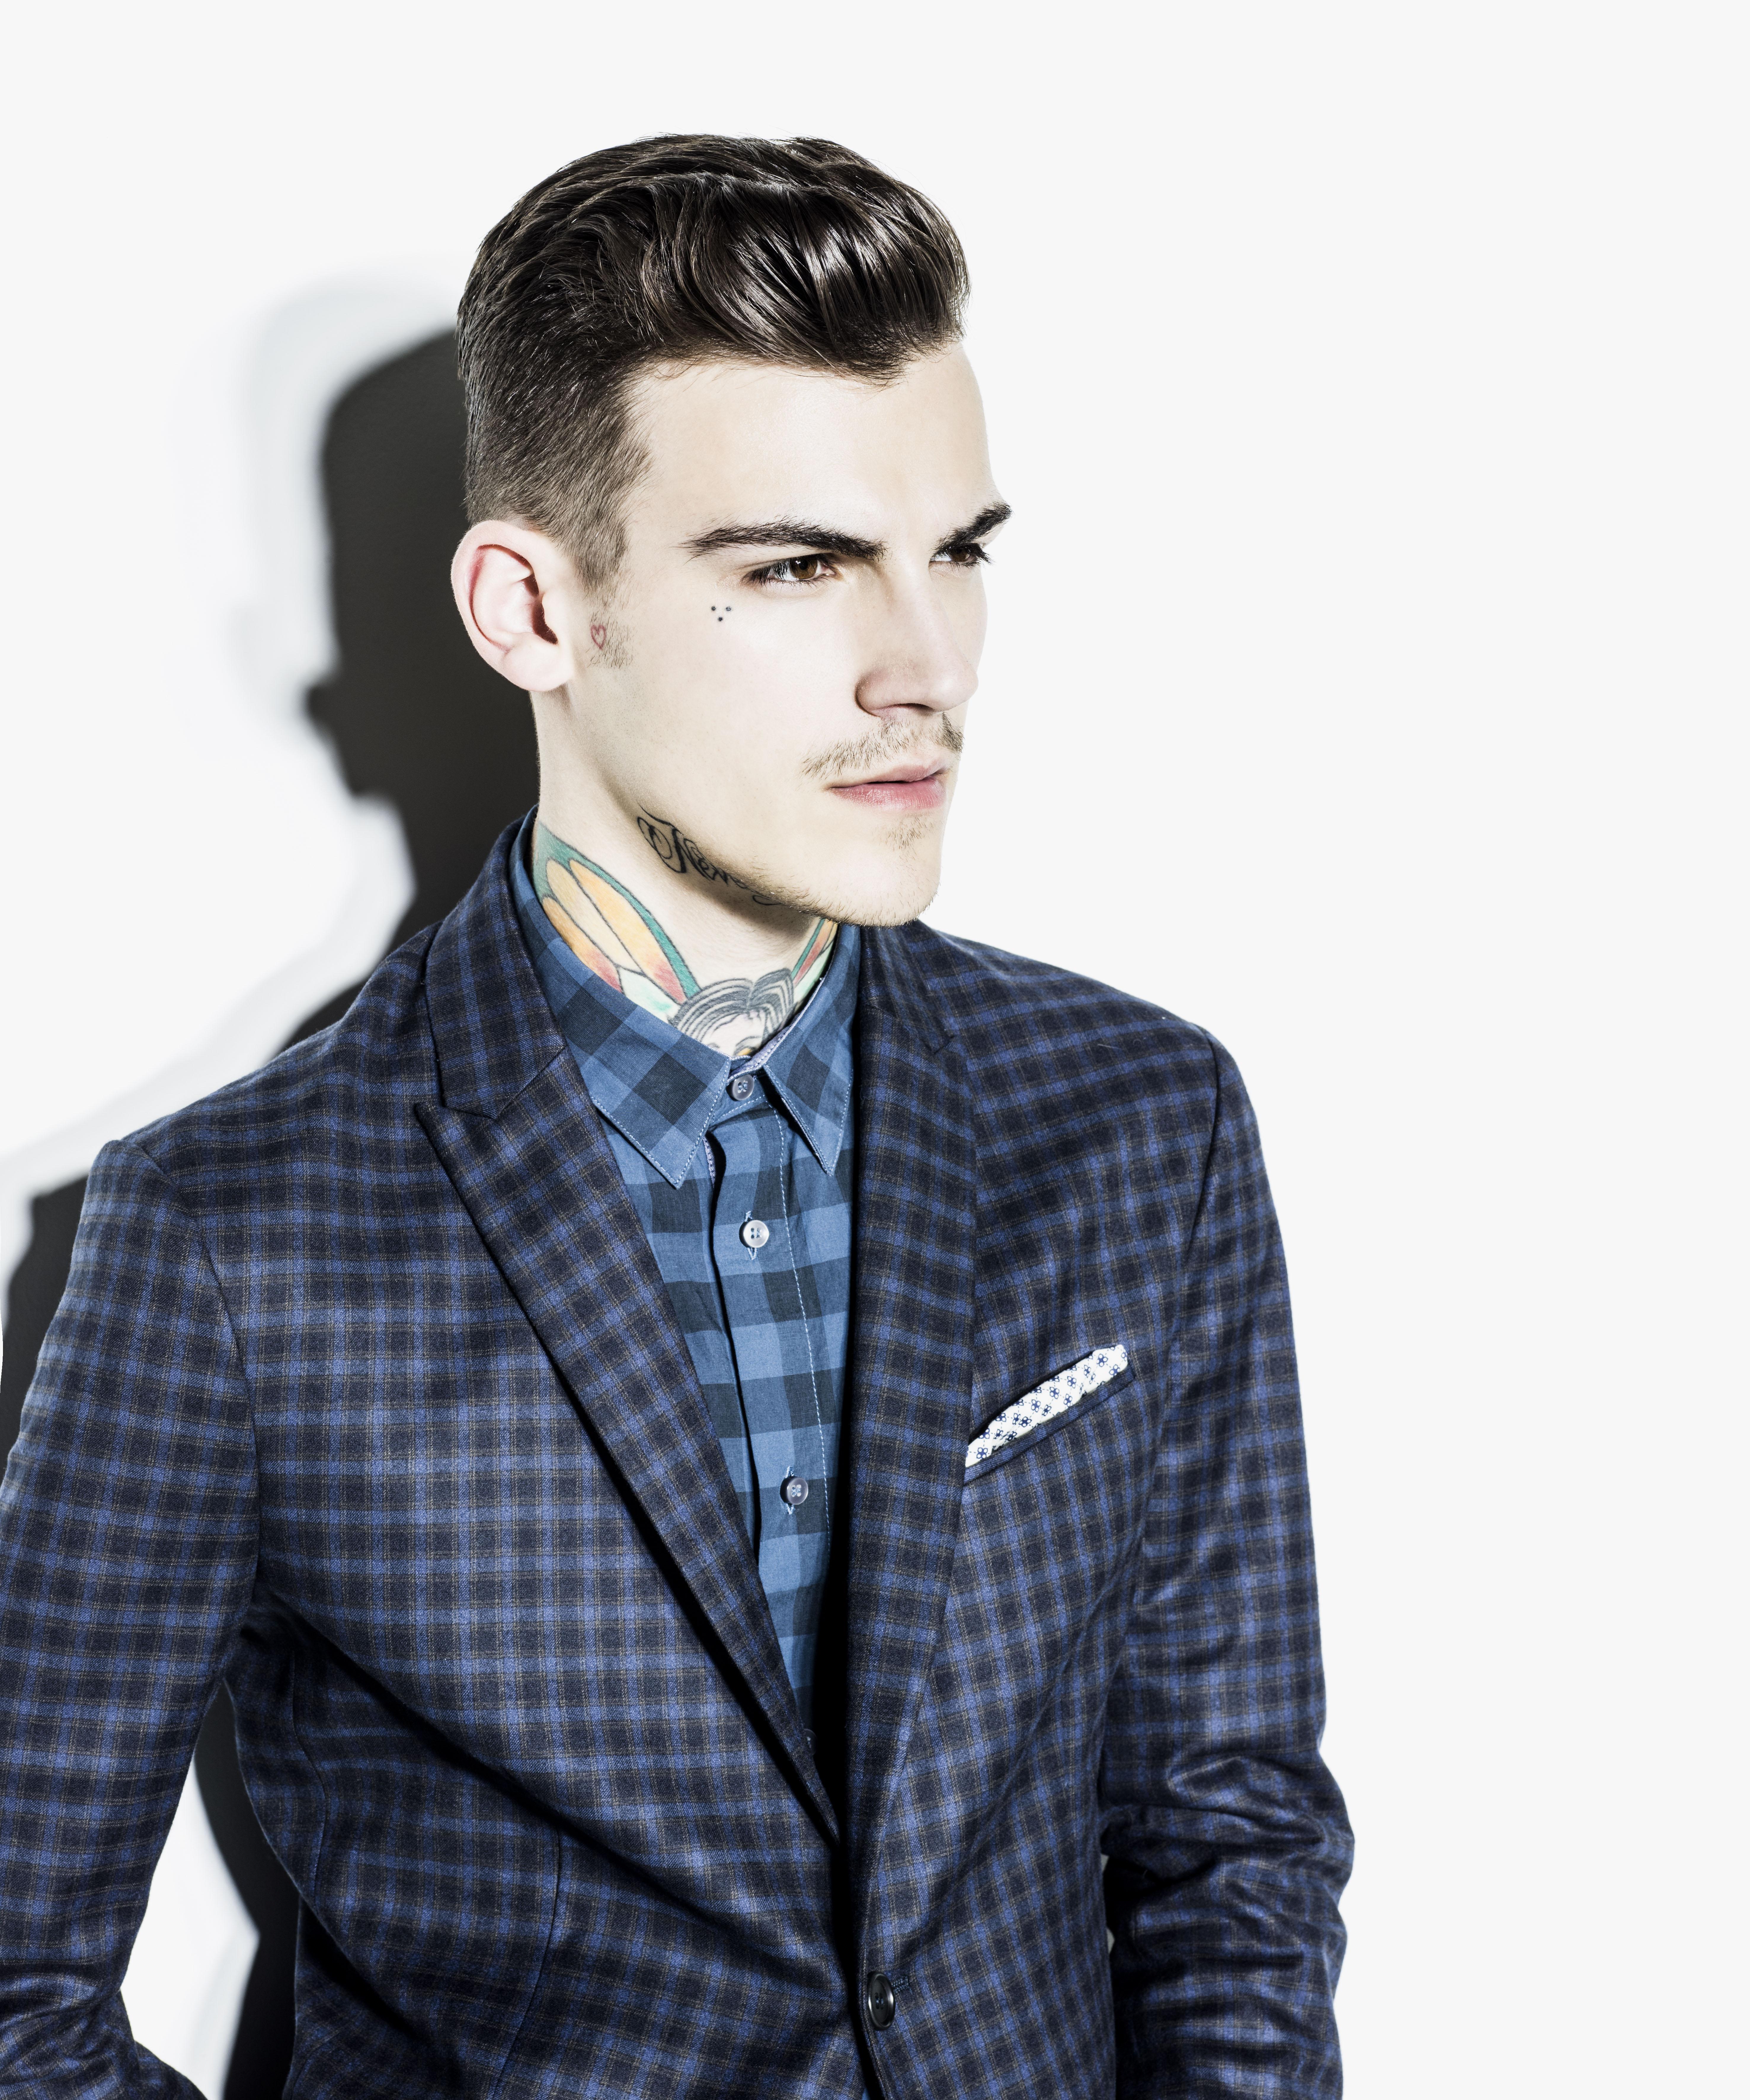 O seu look casual nunca é conformista  o blusão de penas desportivo tem  macro motivos estampados e as sweatshirts são ricas de simbolismos. Um homem  moderno ... 80b053bcc7